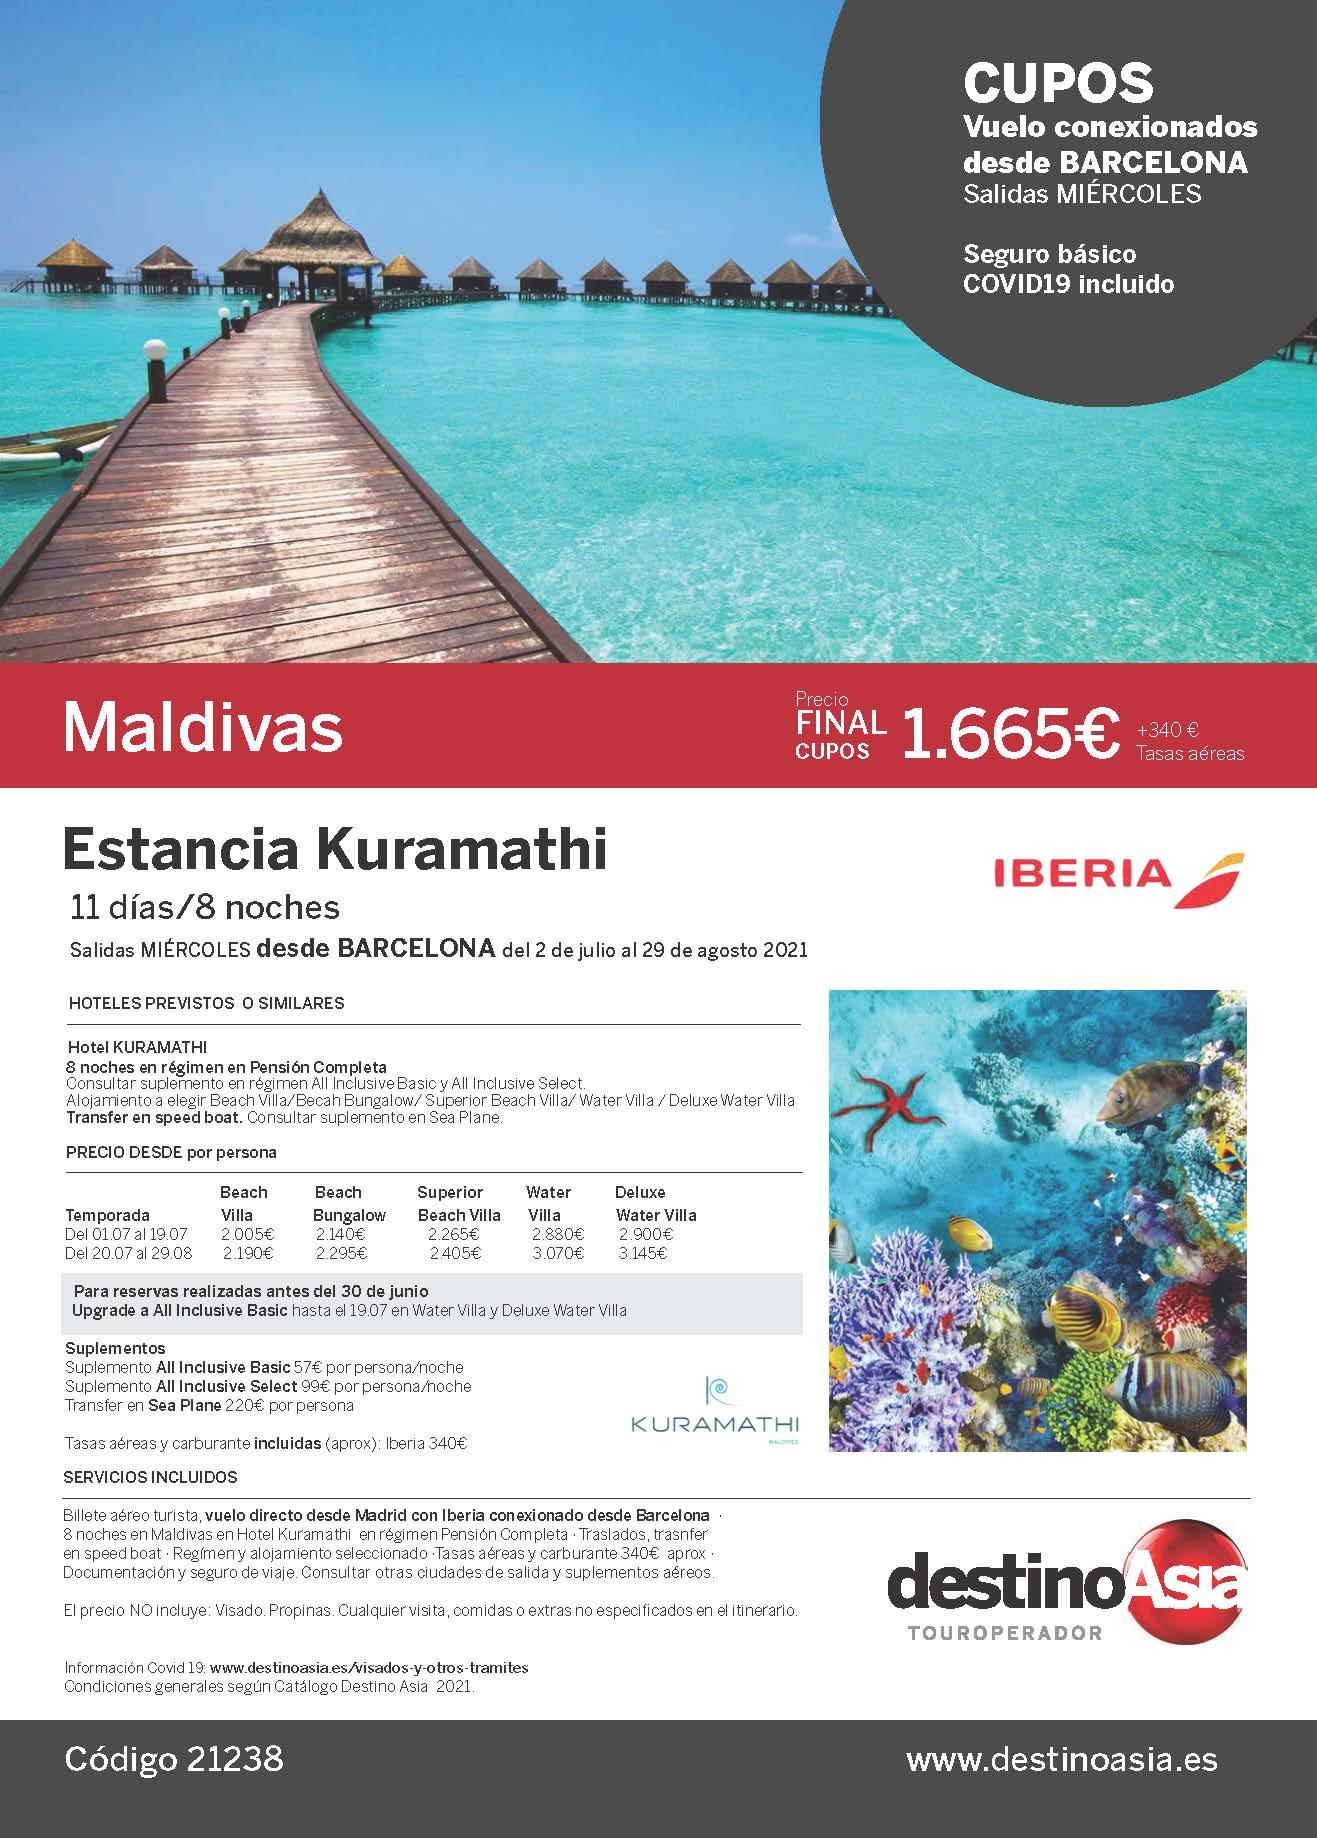 Oferta Destino Asia Estancia en Kuramathi Maldivas 2021 cupos salidas desde Barcelona